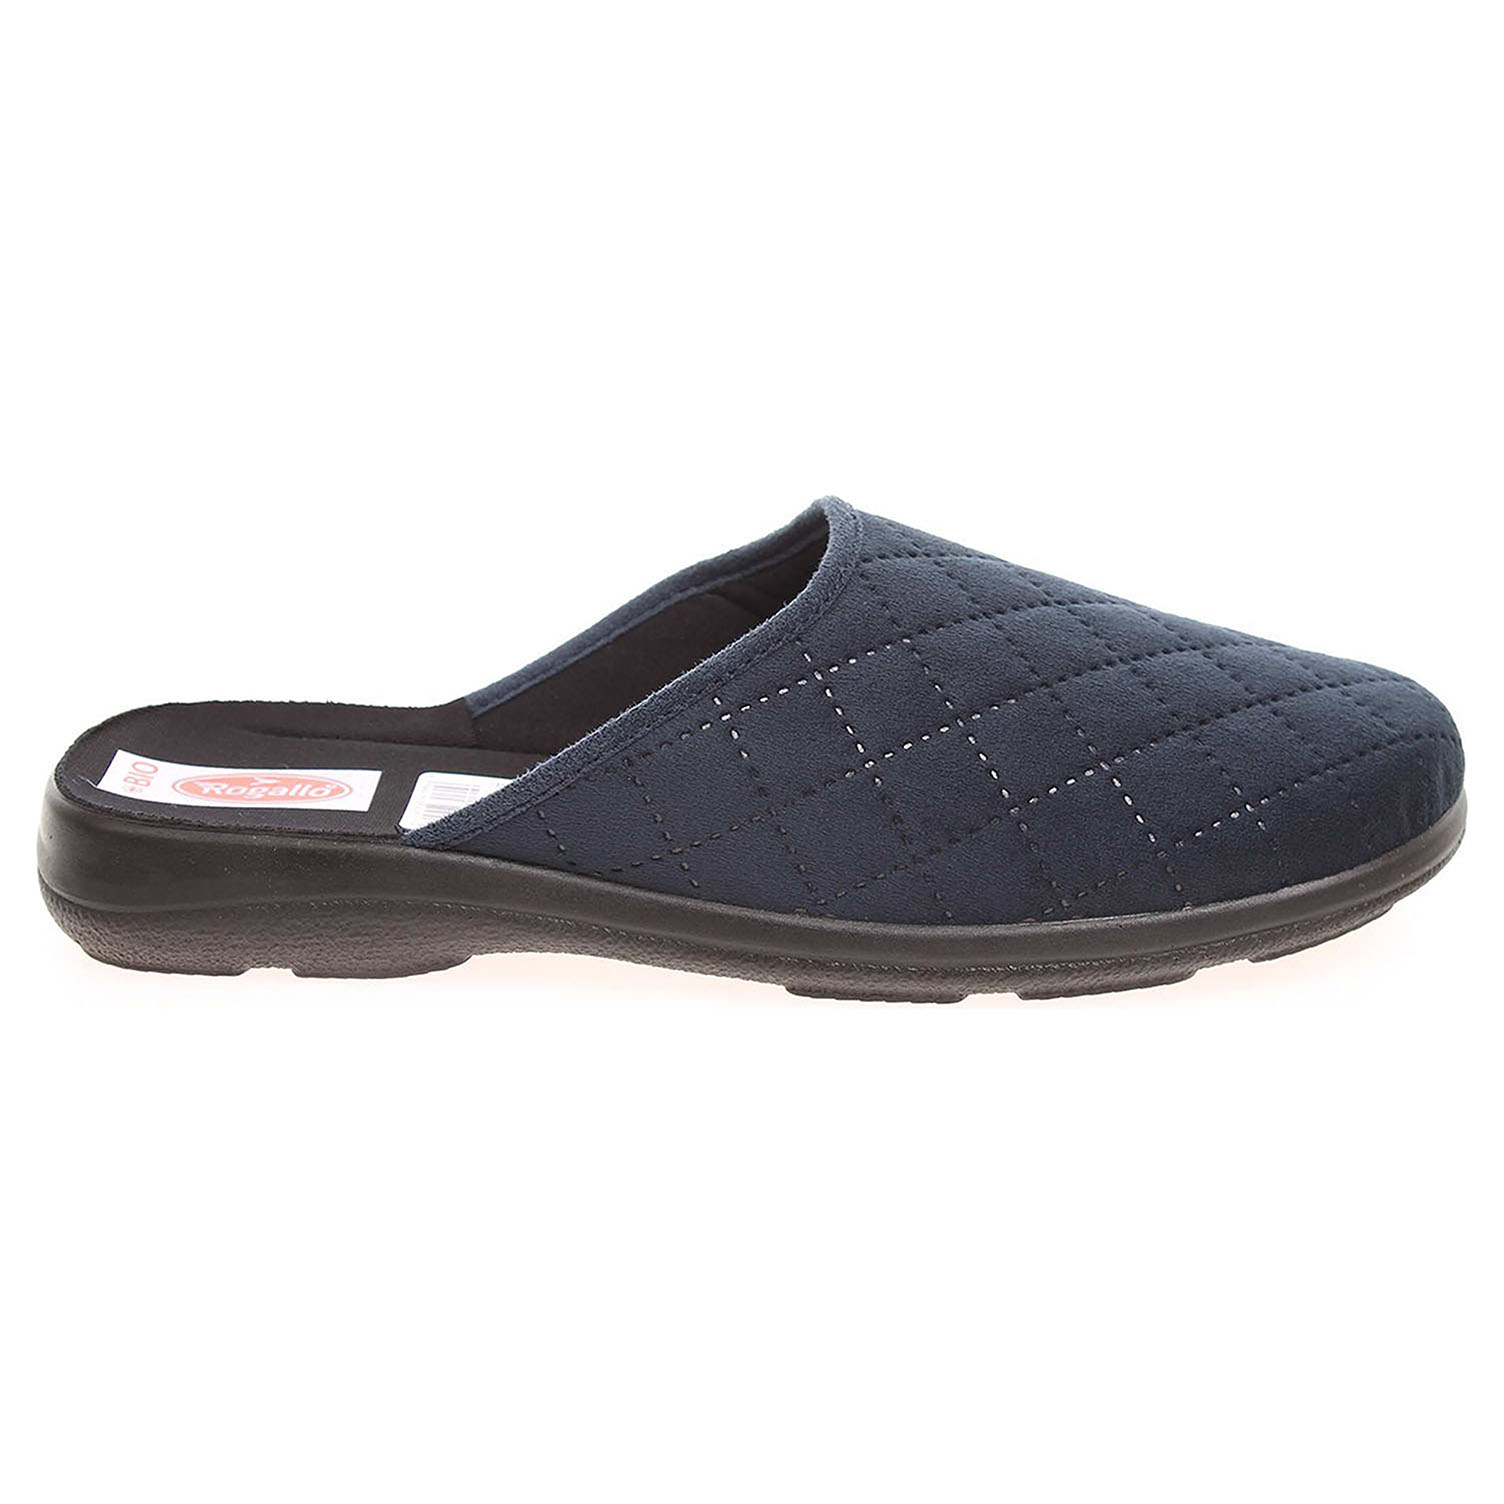 Rogallo pánské domácí pantofle 19517 modré 41